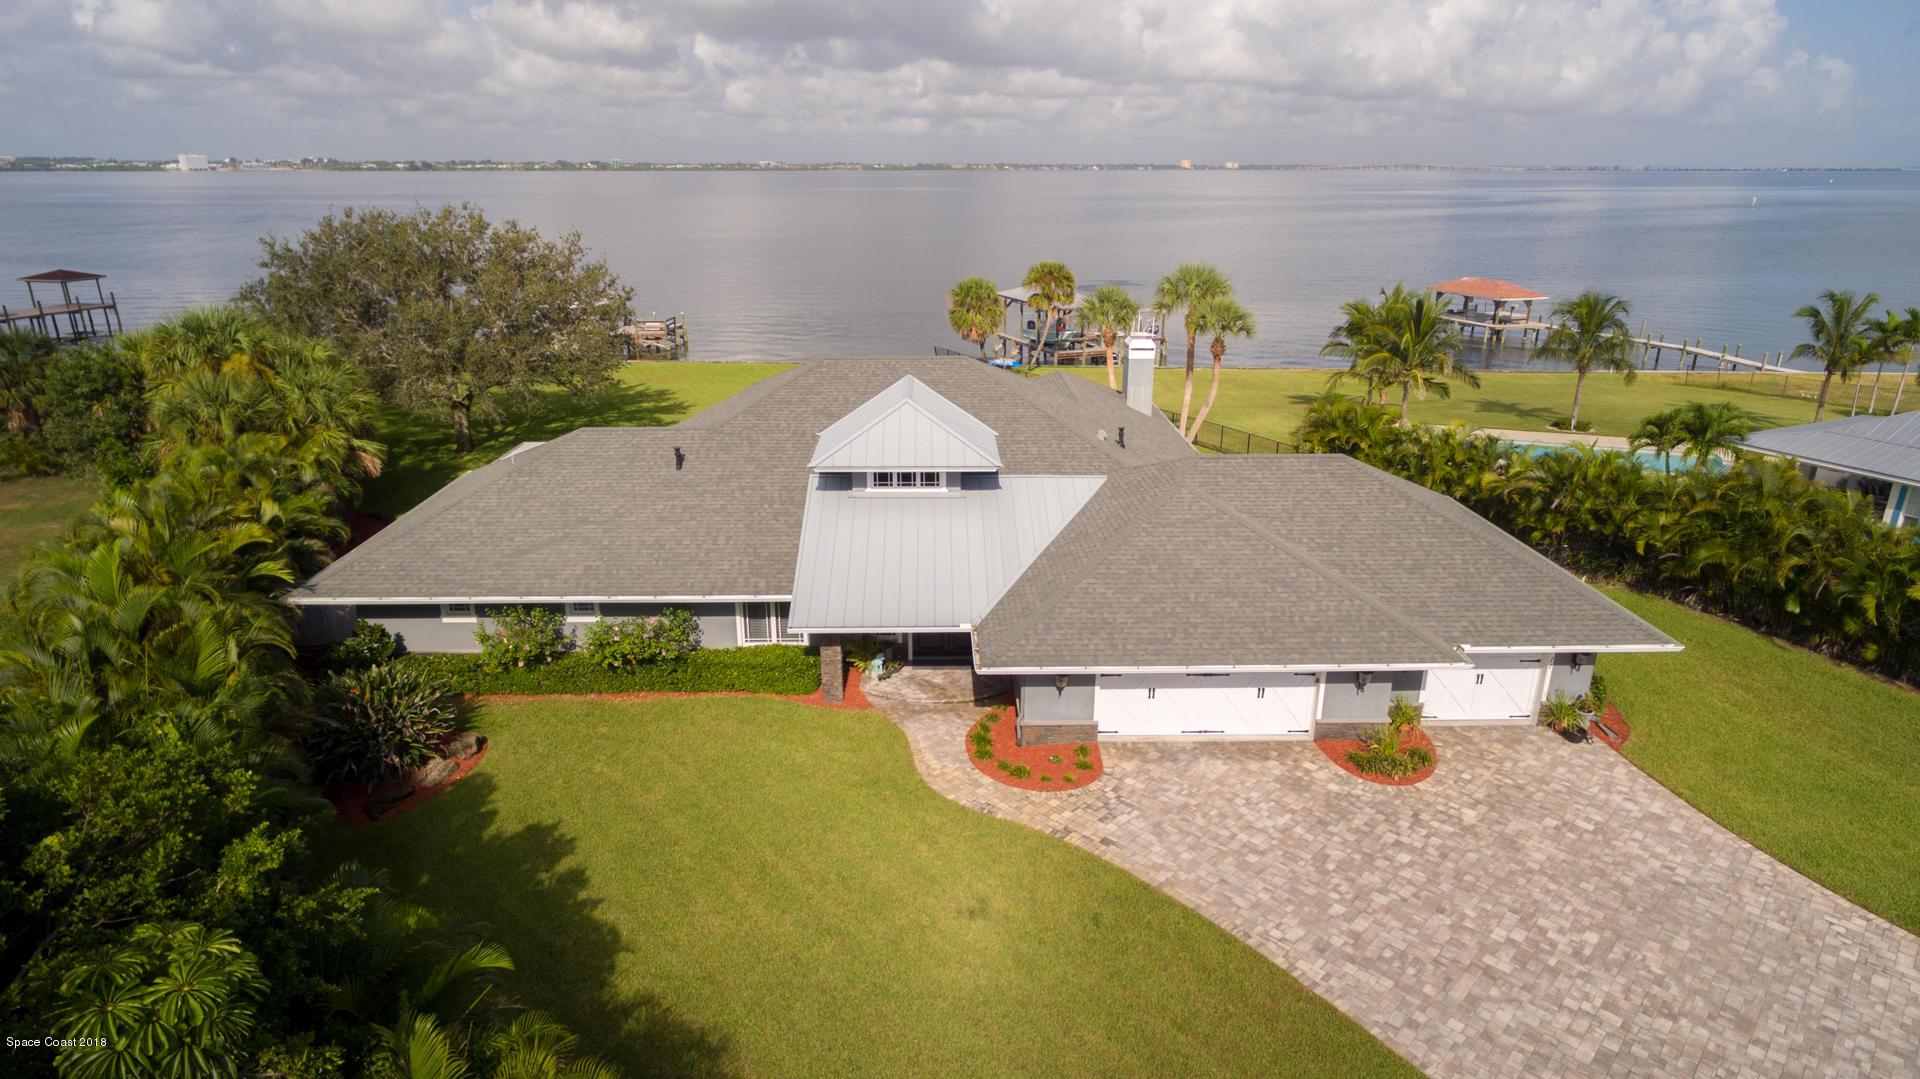 Maison unifamiliale pour l Vente à 11 Riverview 11 Riverview Indialantic, Florida 32903 États-Unis